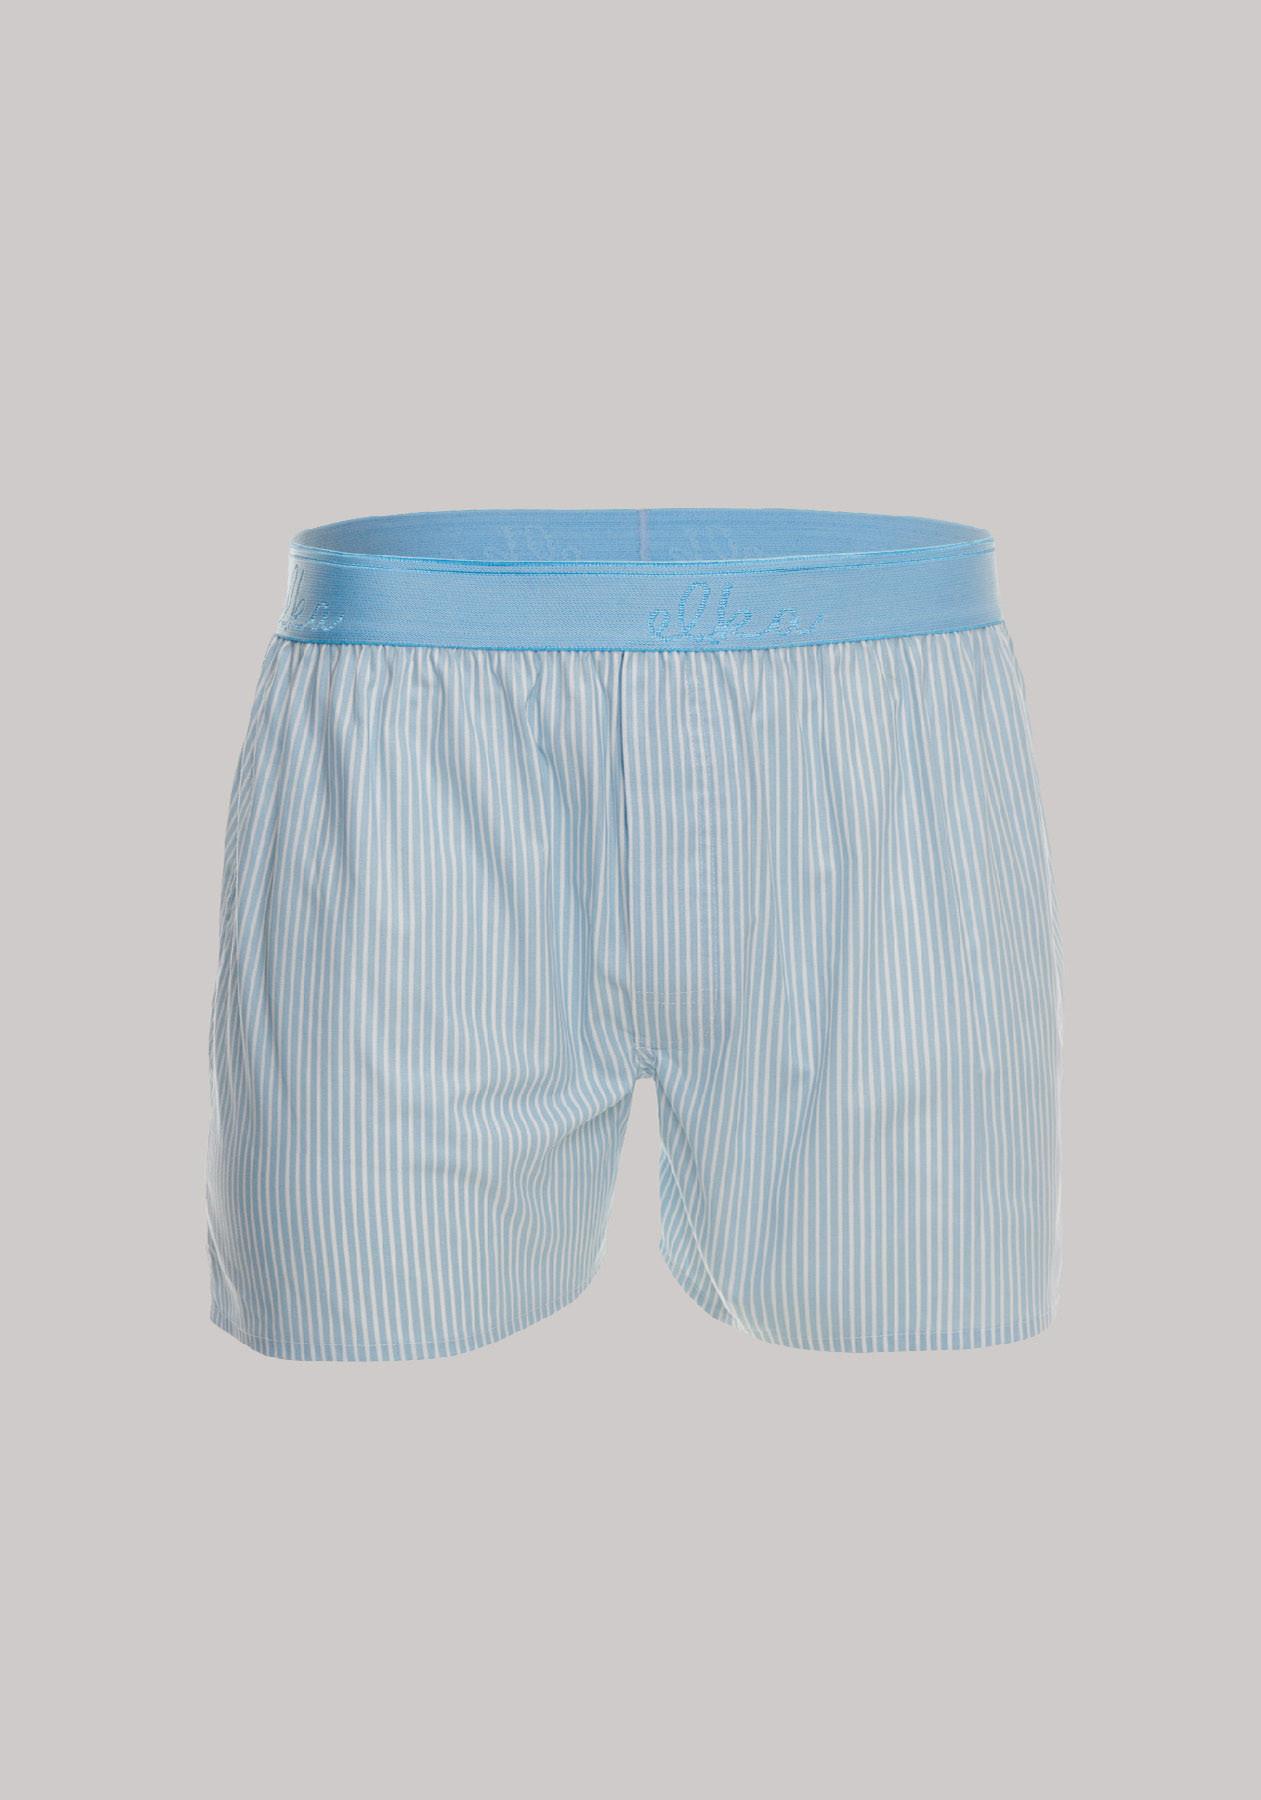 Men-boxershorts-ELKA-Lounge-M00596-02